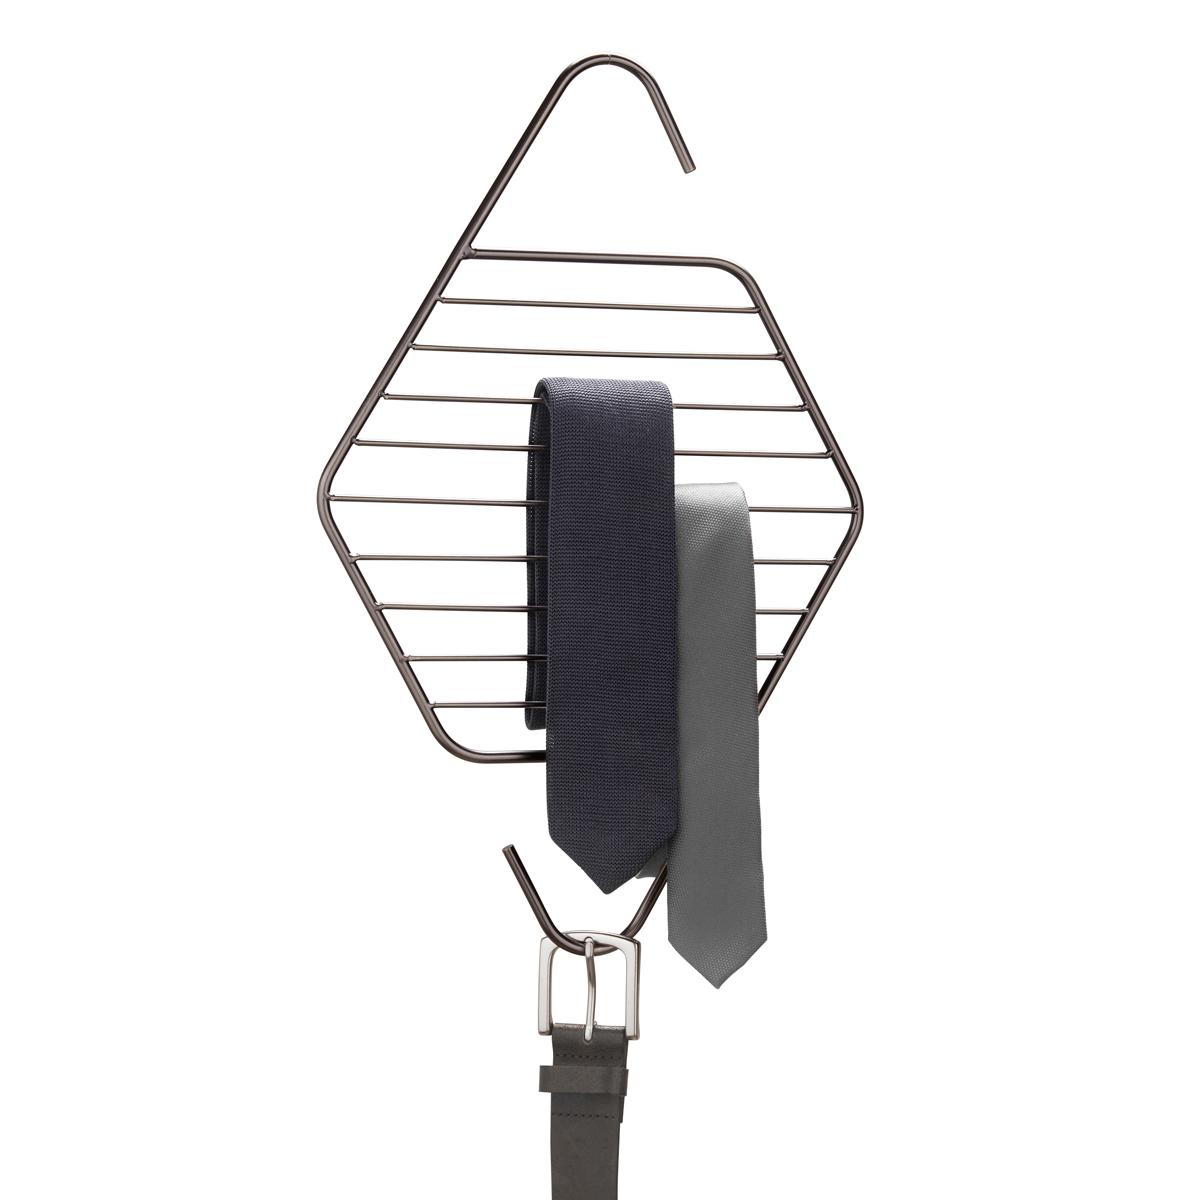 Органайзер для галстуков и ремней Umbra Pendant1004900000360Пополнение в коллекции Pendant, которую характеризуют лаконичные геометрические формы. Металлические перекладины предназначены для хранения галстуков и ремней.Может быть подвешен к стене, штанге для вешалок или дверной ручке.